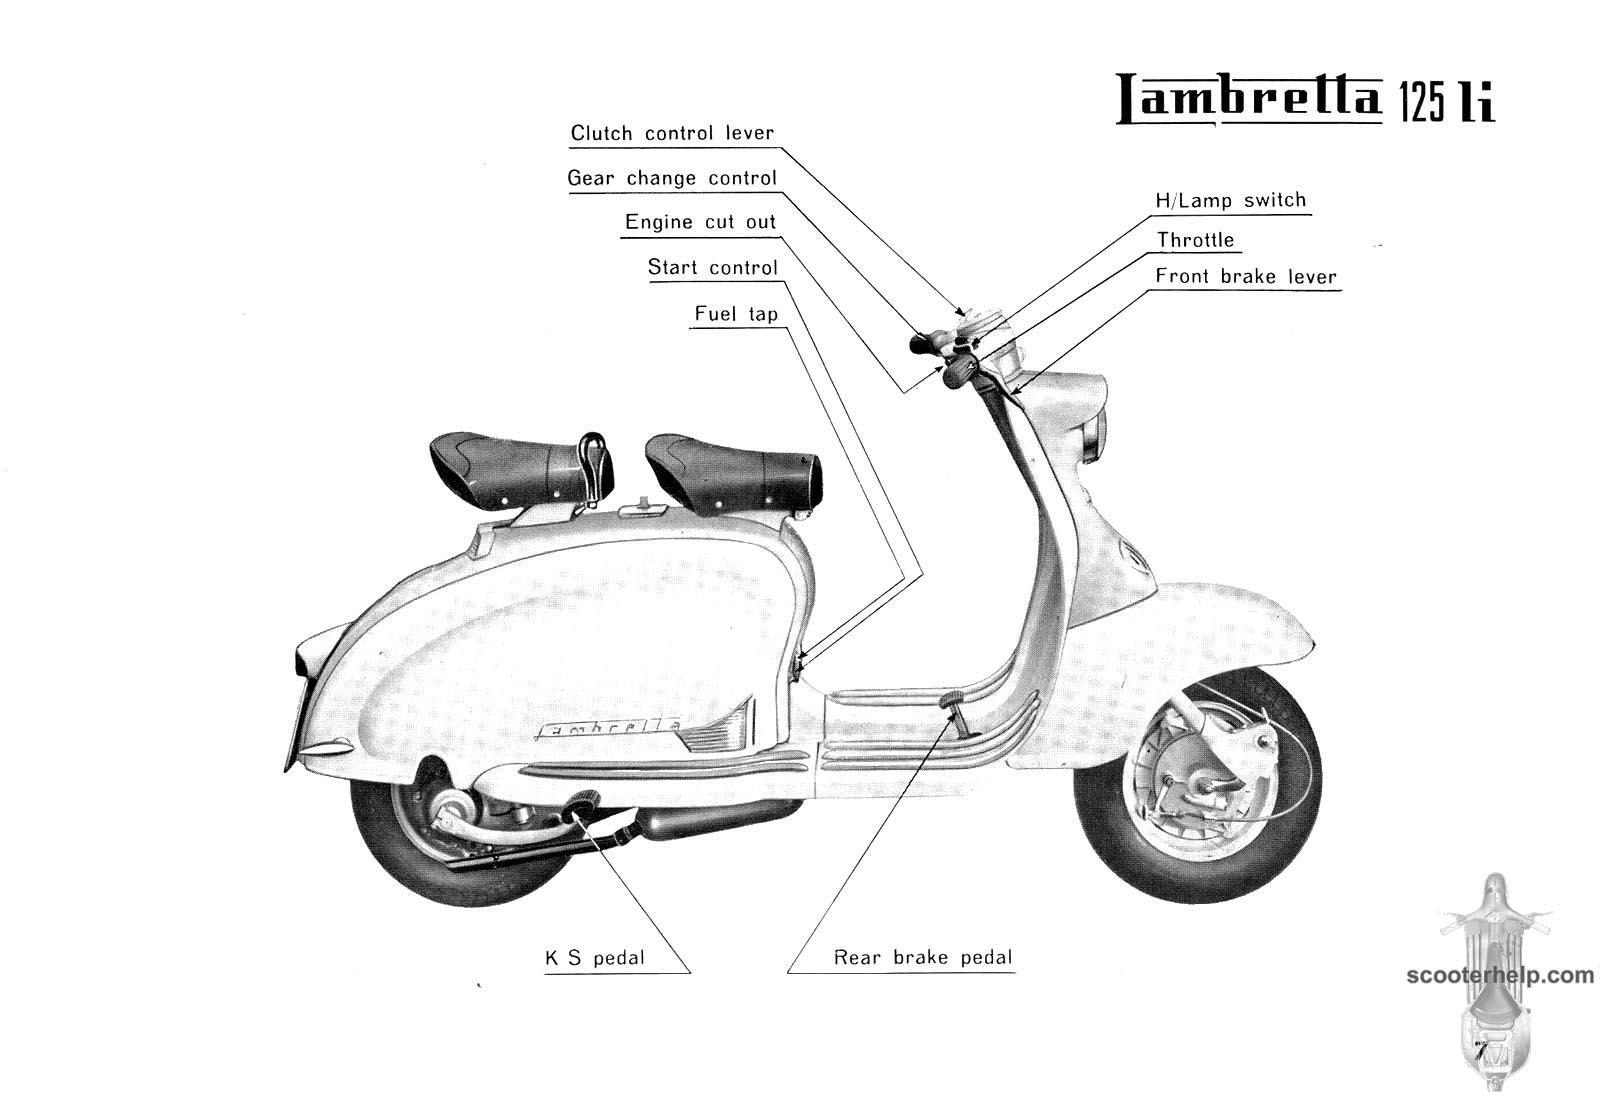 Li125 & 150 S1 Factory Repair Manual